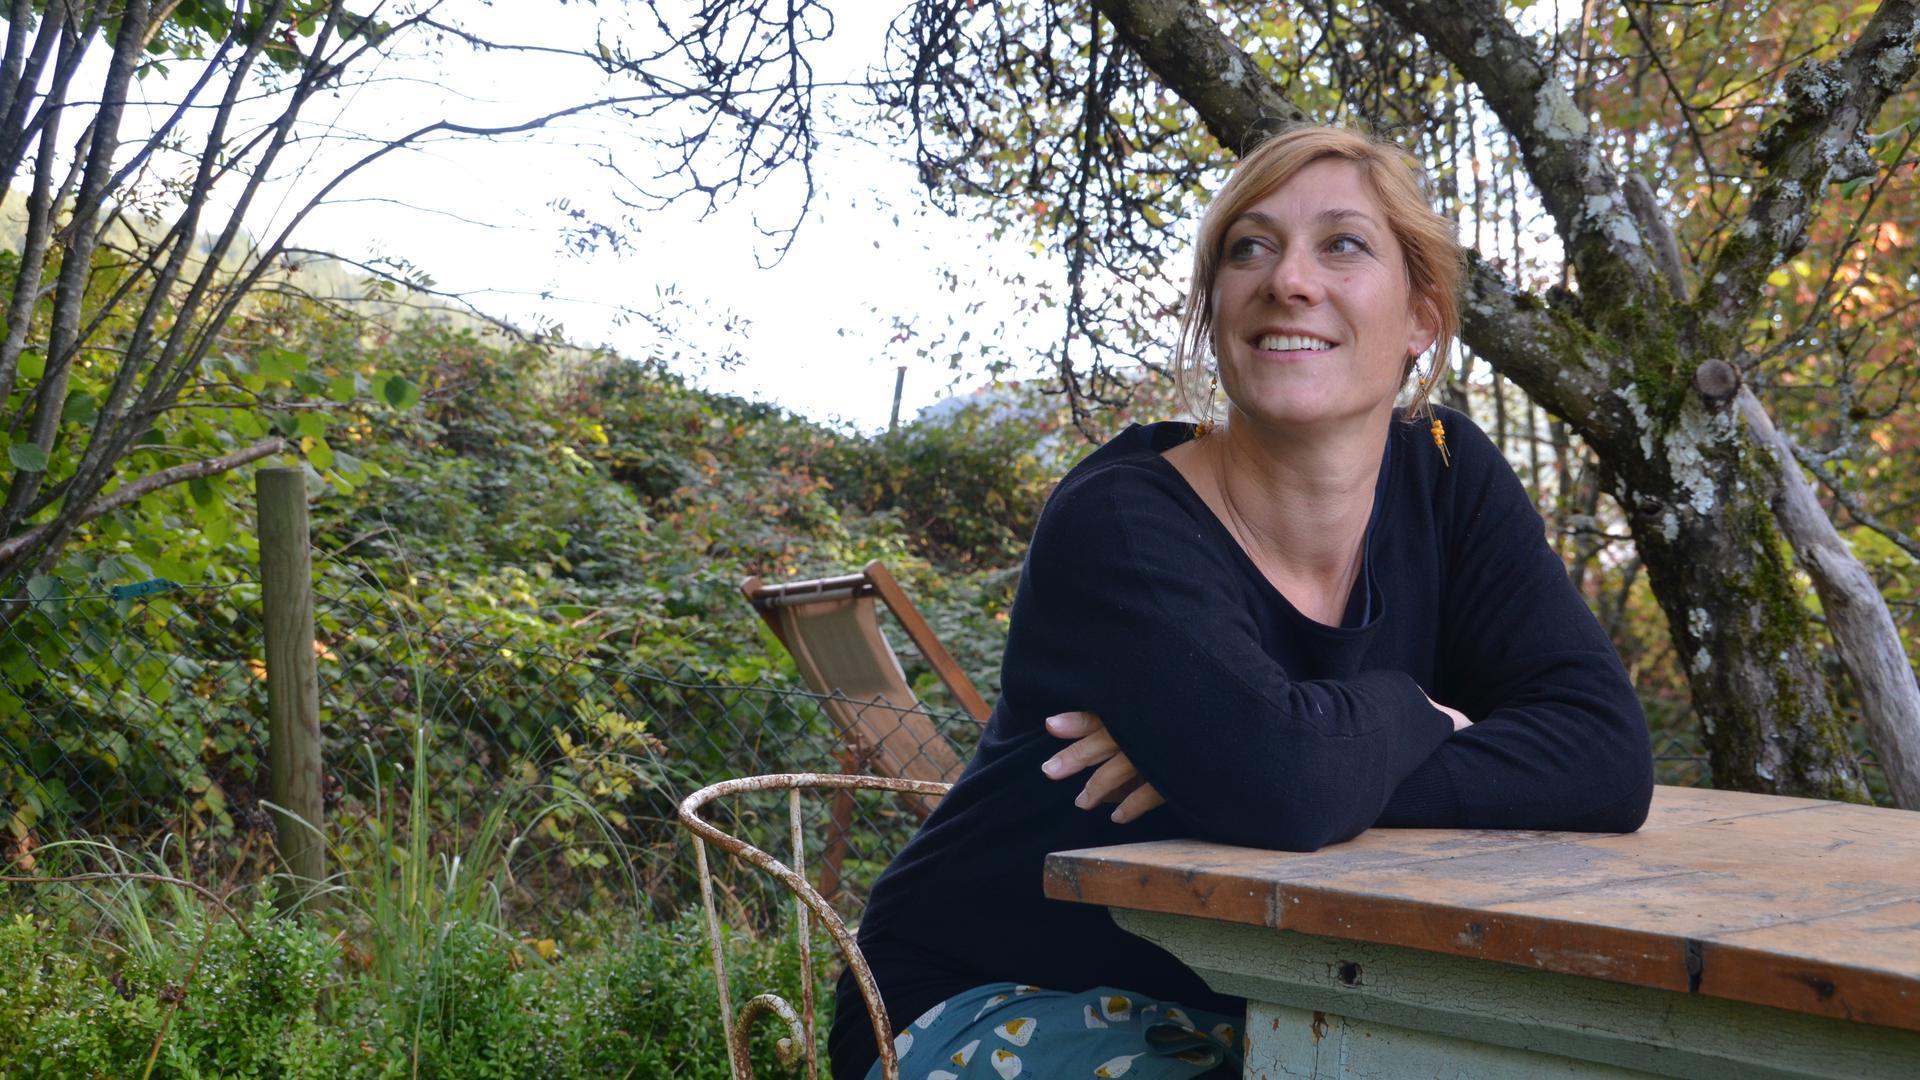 Murgtäler Kinderbuchautorin Stefanie Höfler, im Garten an einem Tisch sitzend